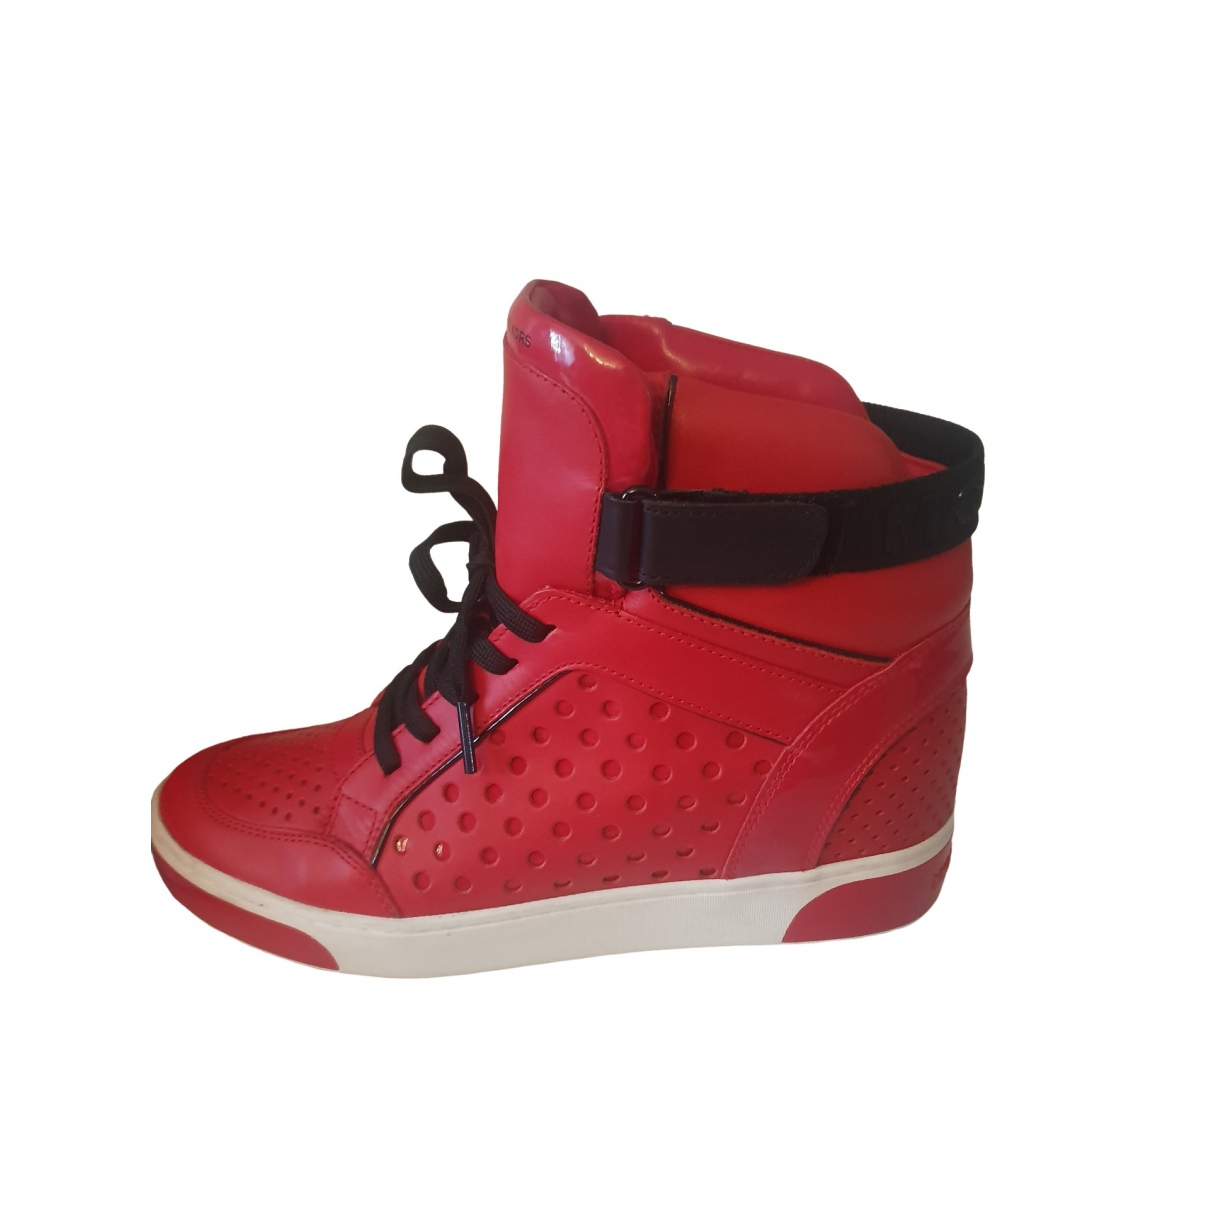 Michael Kors - Baskets   pour femme en cuir - rouge